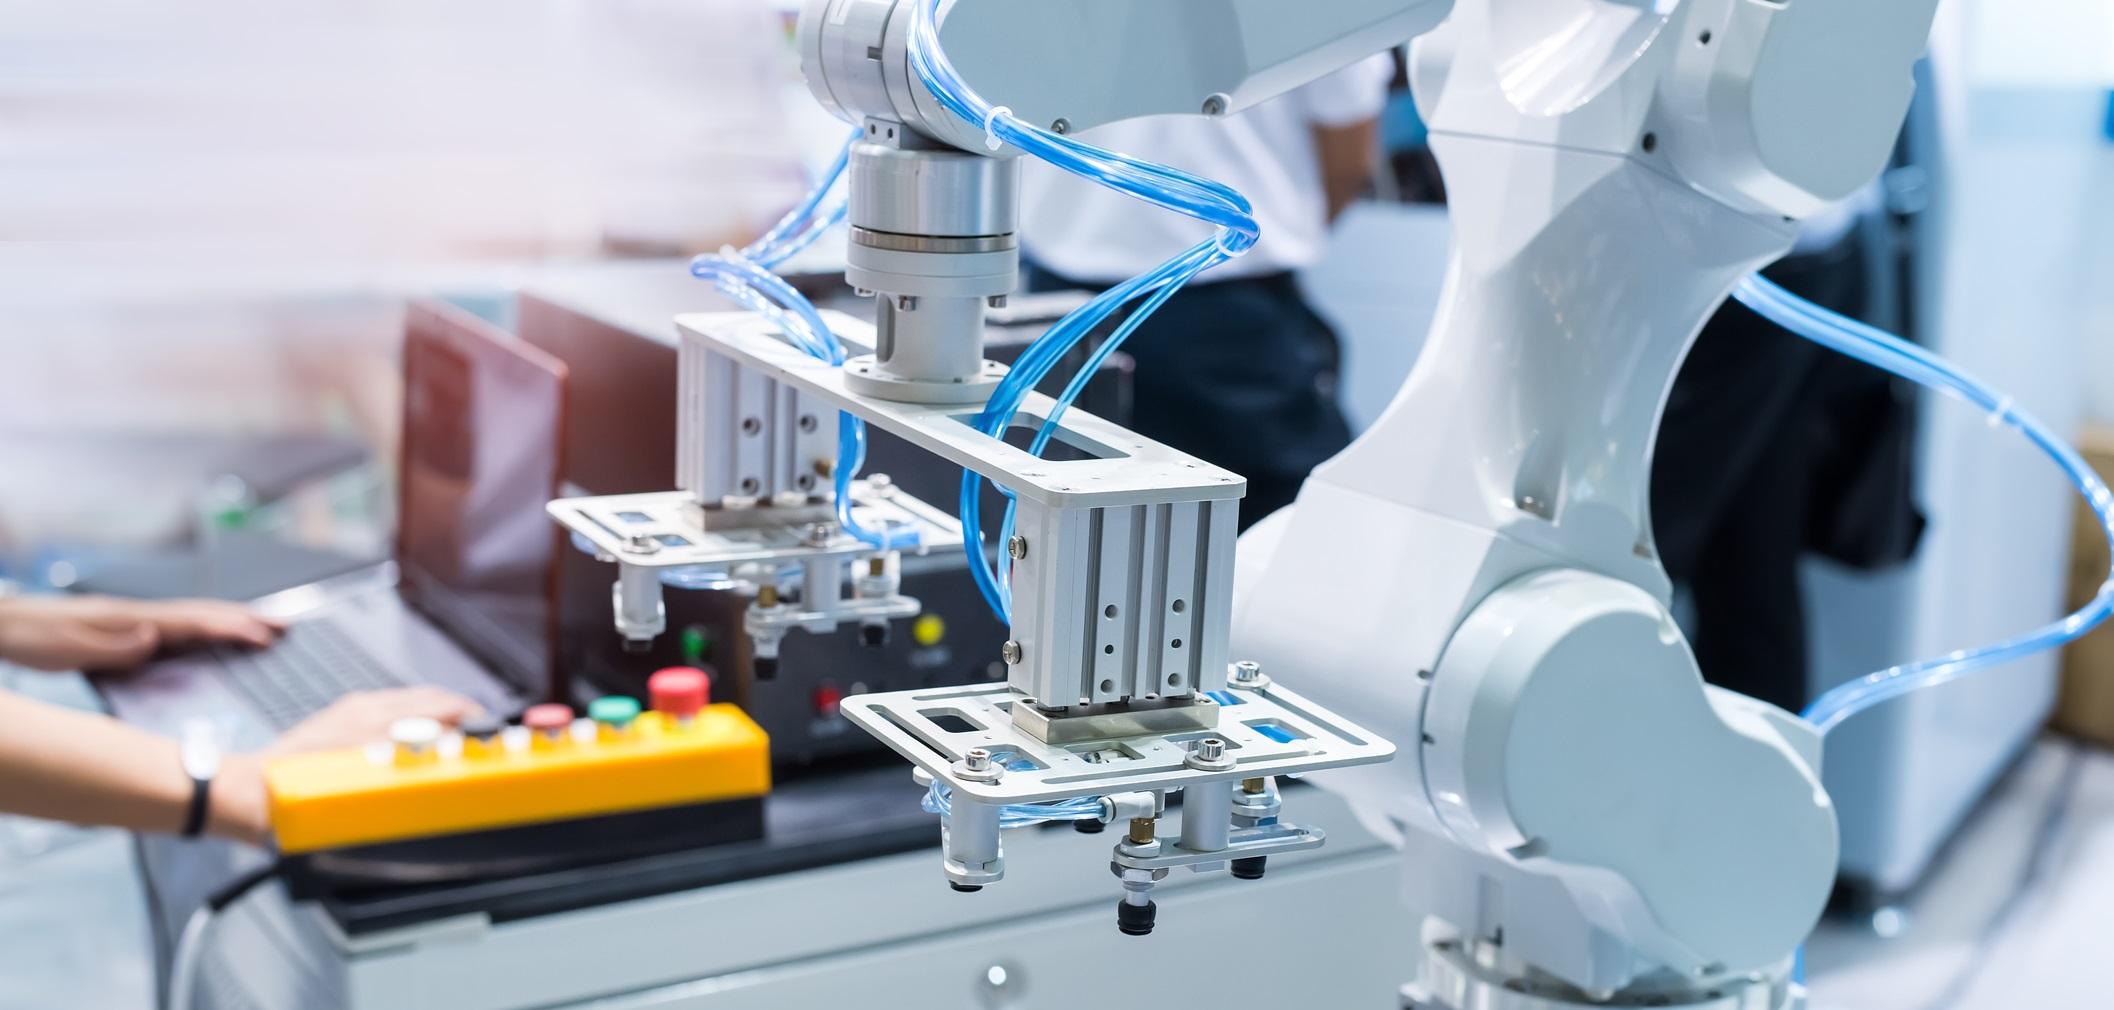 Kuinka optimoit tuotantoprosessisi tekoälyn avulla?